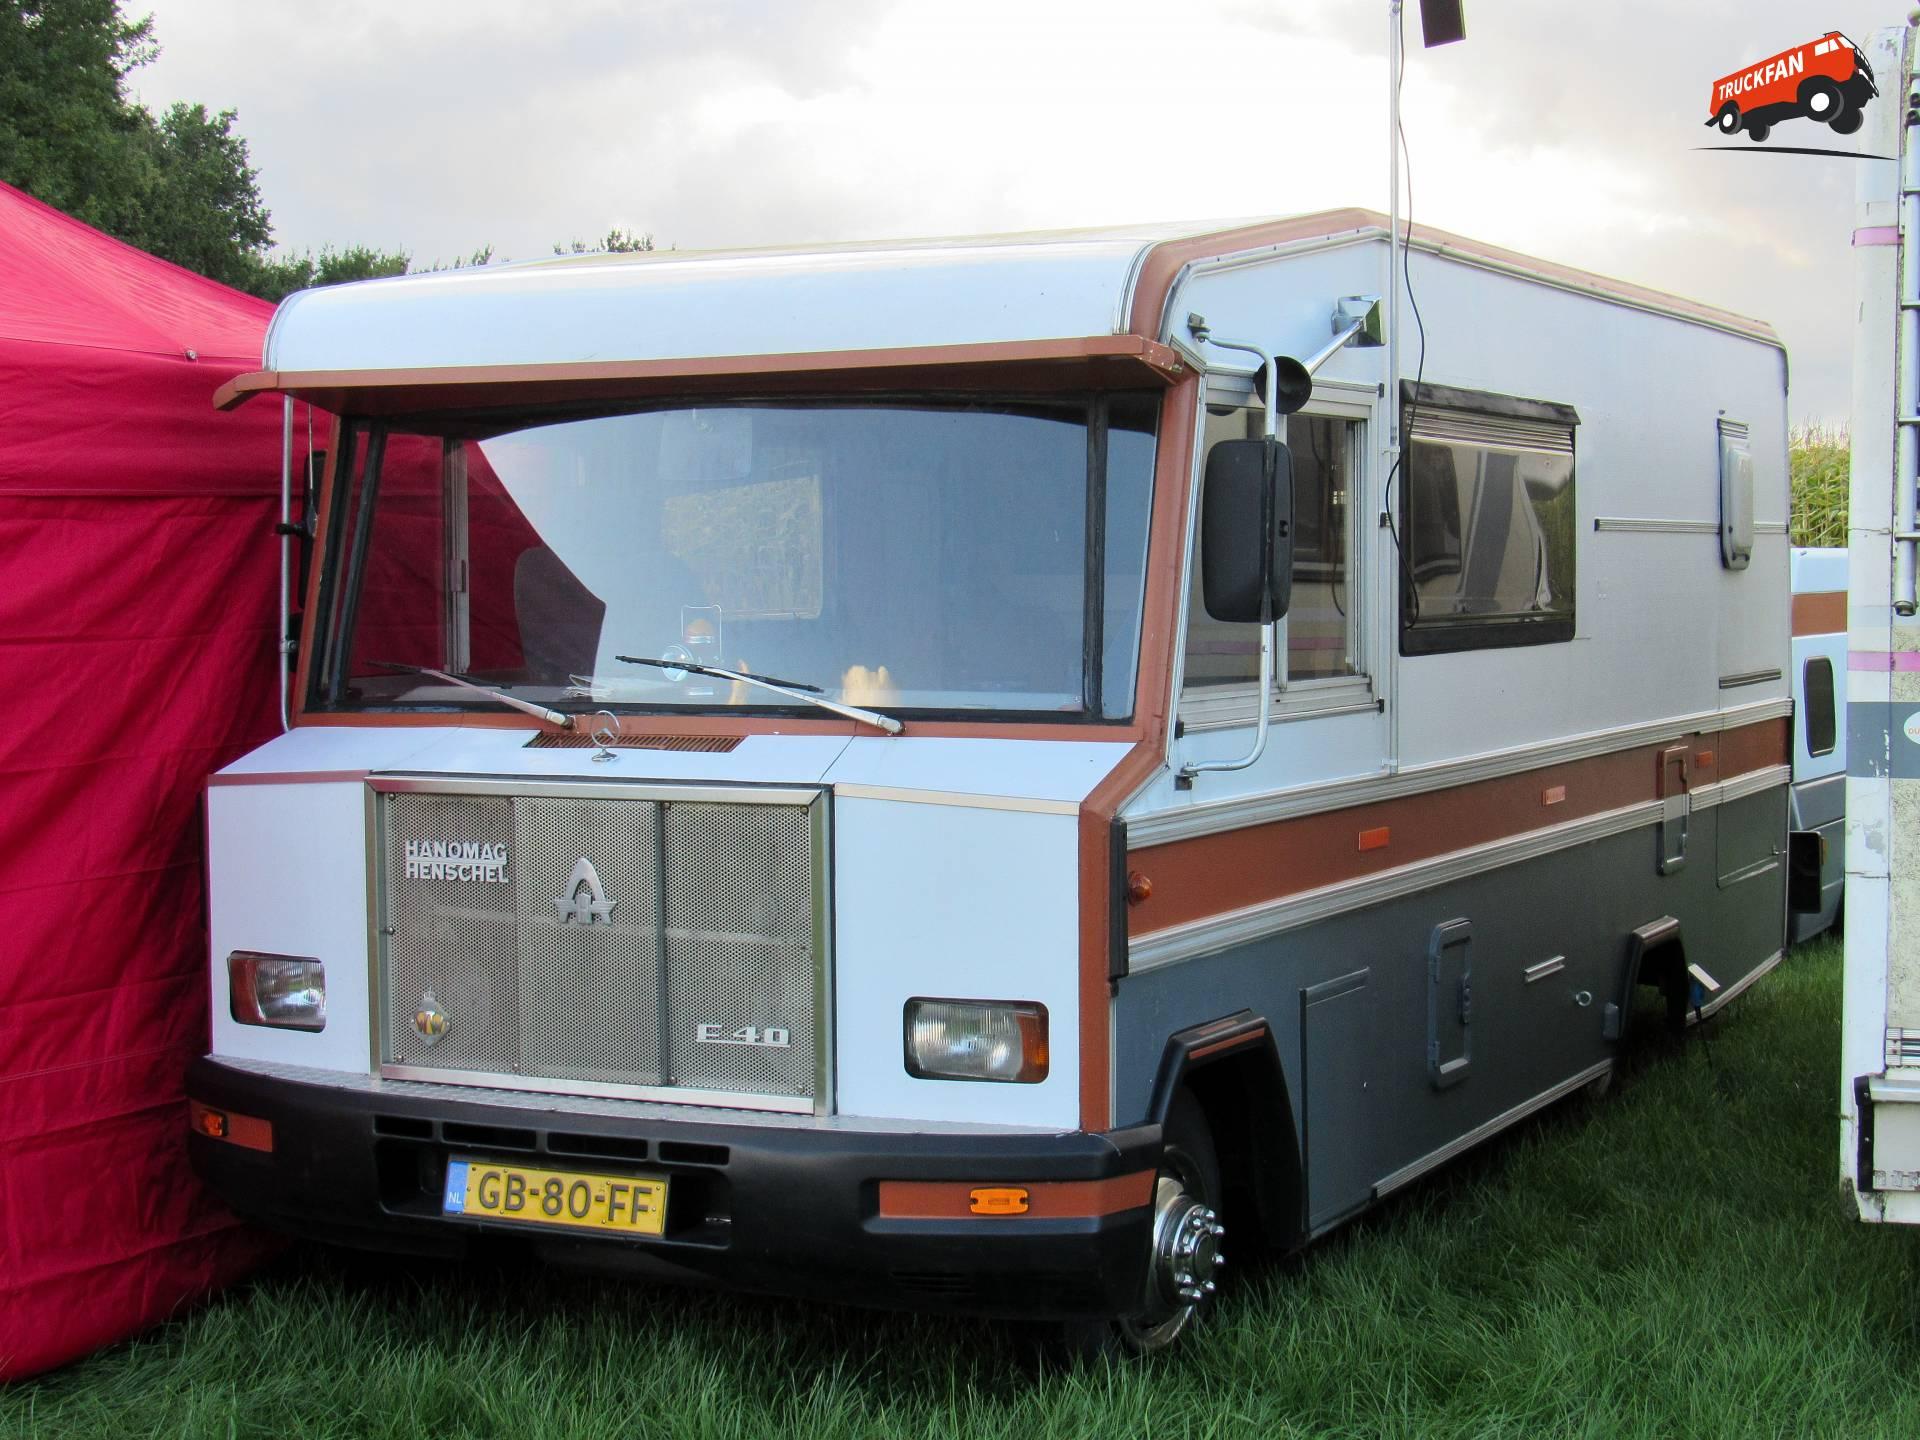 Hanomag-Henschel F40